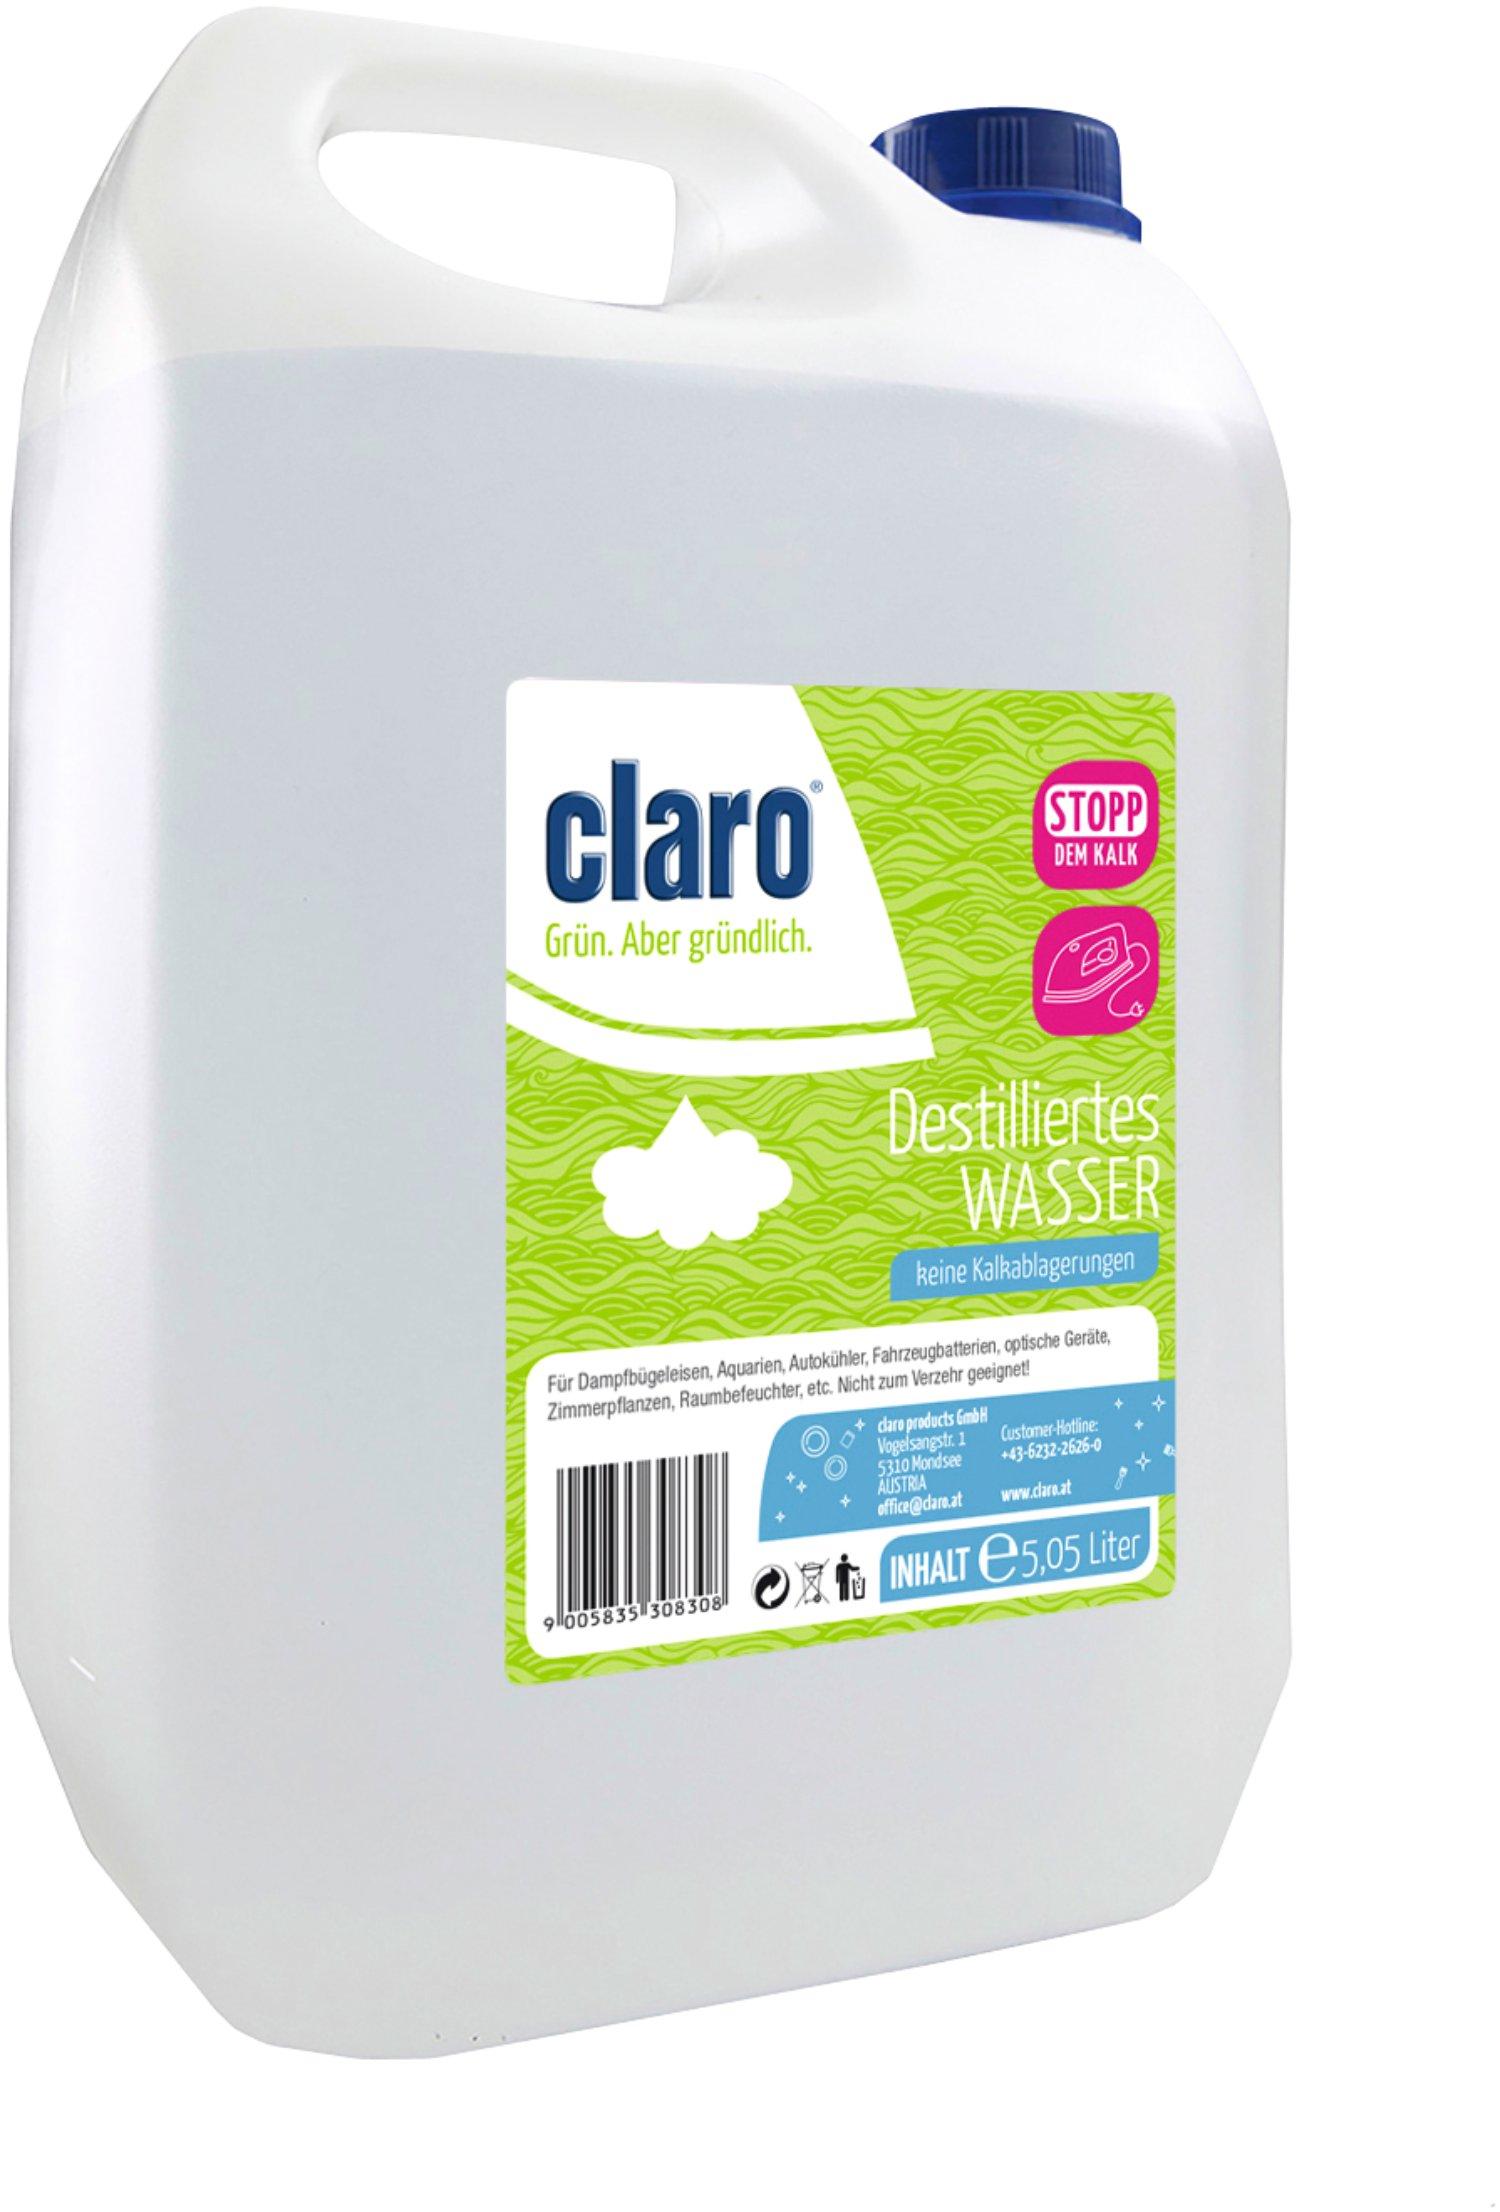 Claro Destilliertes Wasser 5l Lagerhaus